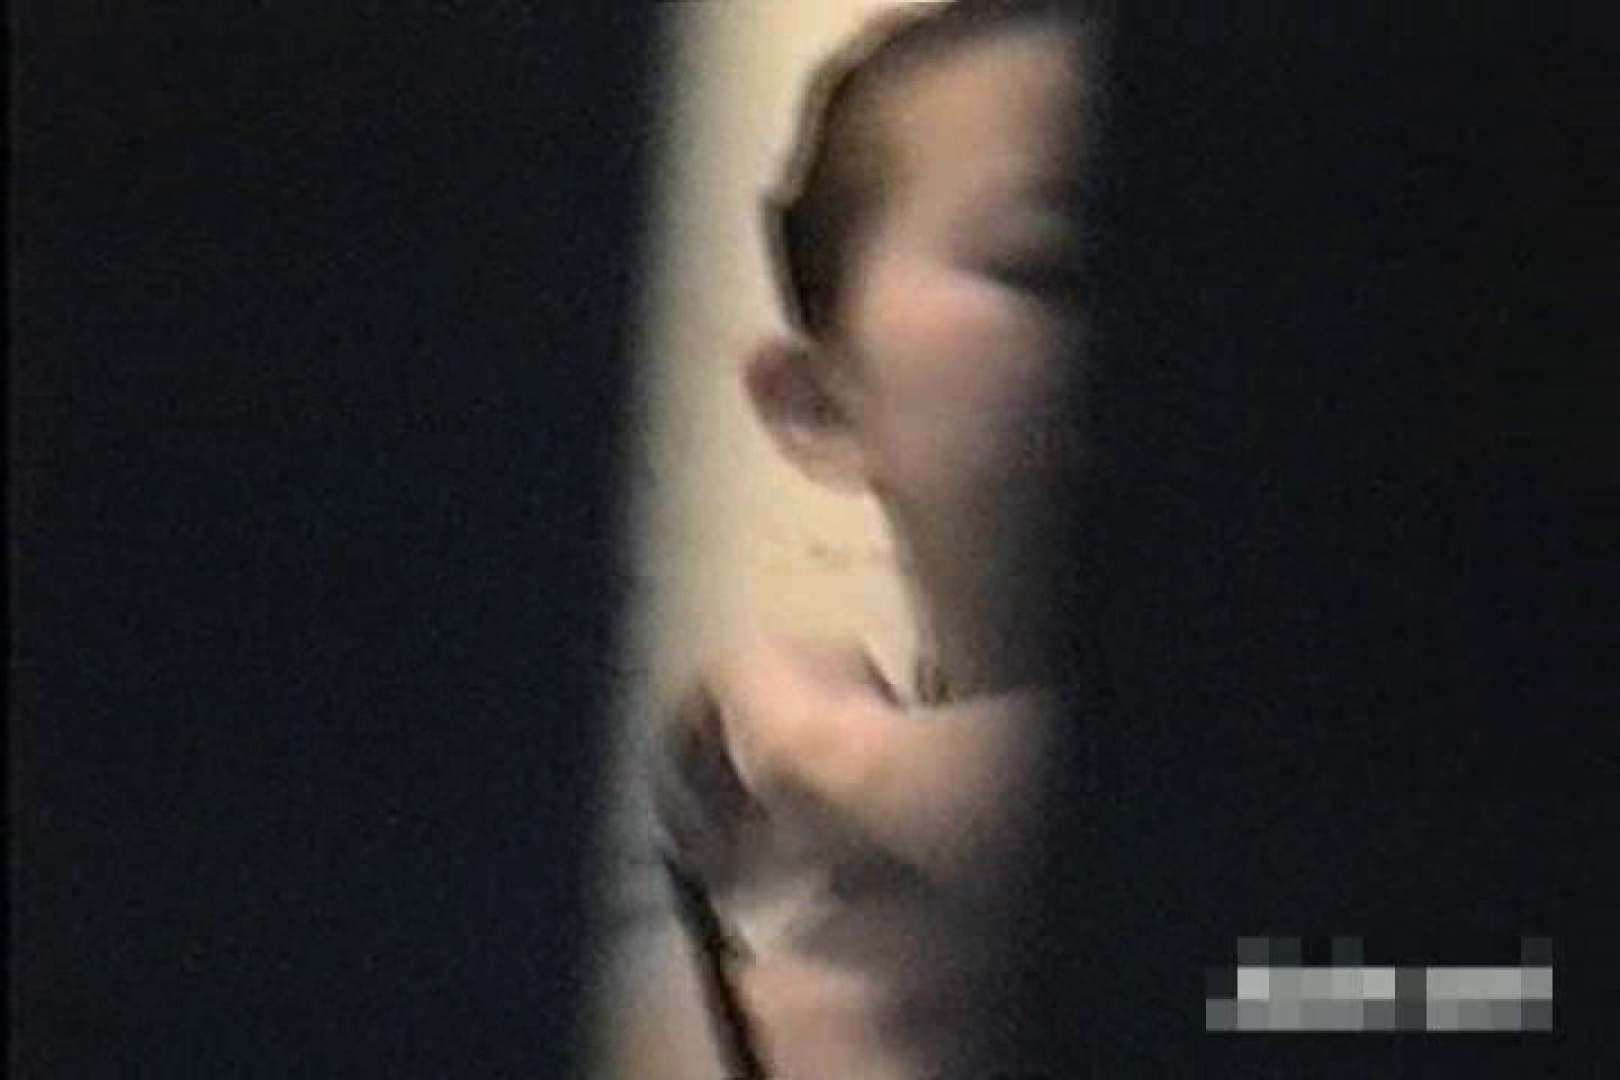 激撮ストーカー記録あなたのお宅拝見しますVol.1 ハプニング SEX無修正画像 71画像 71